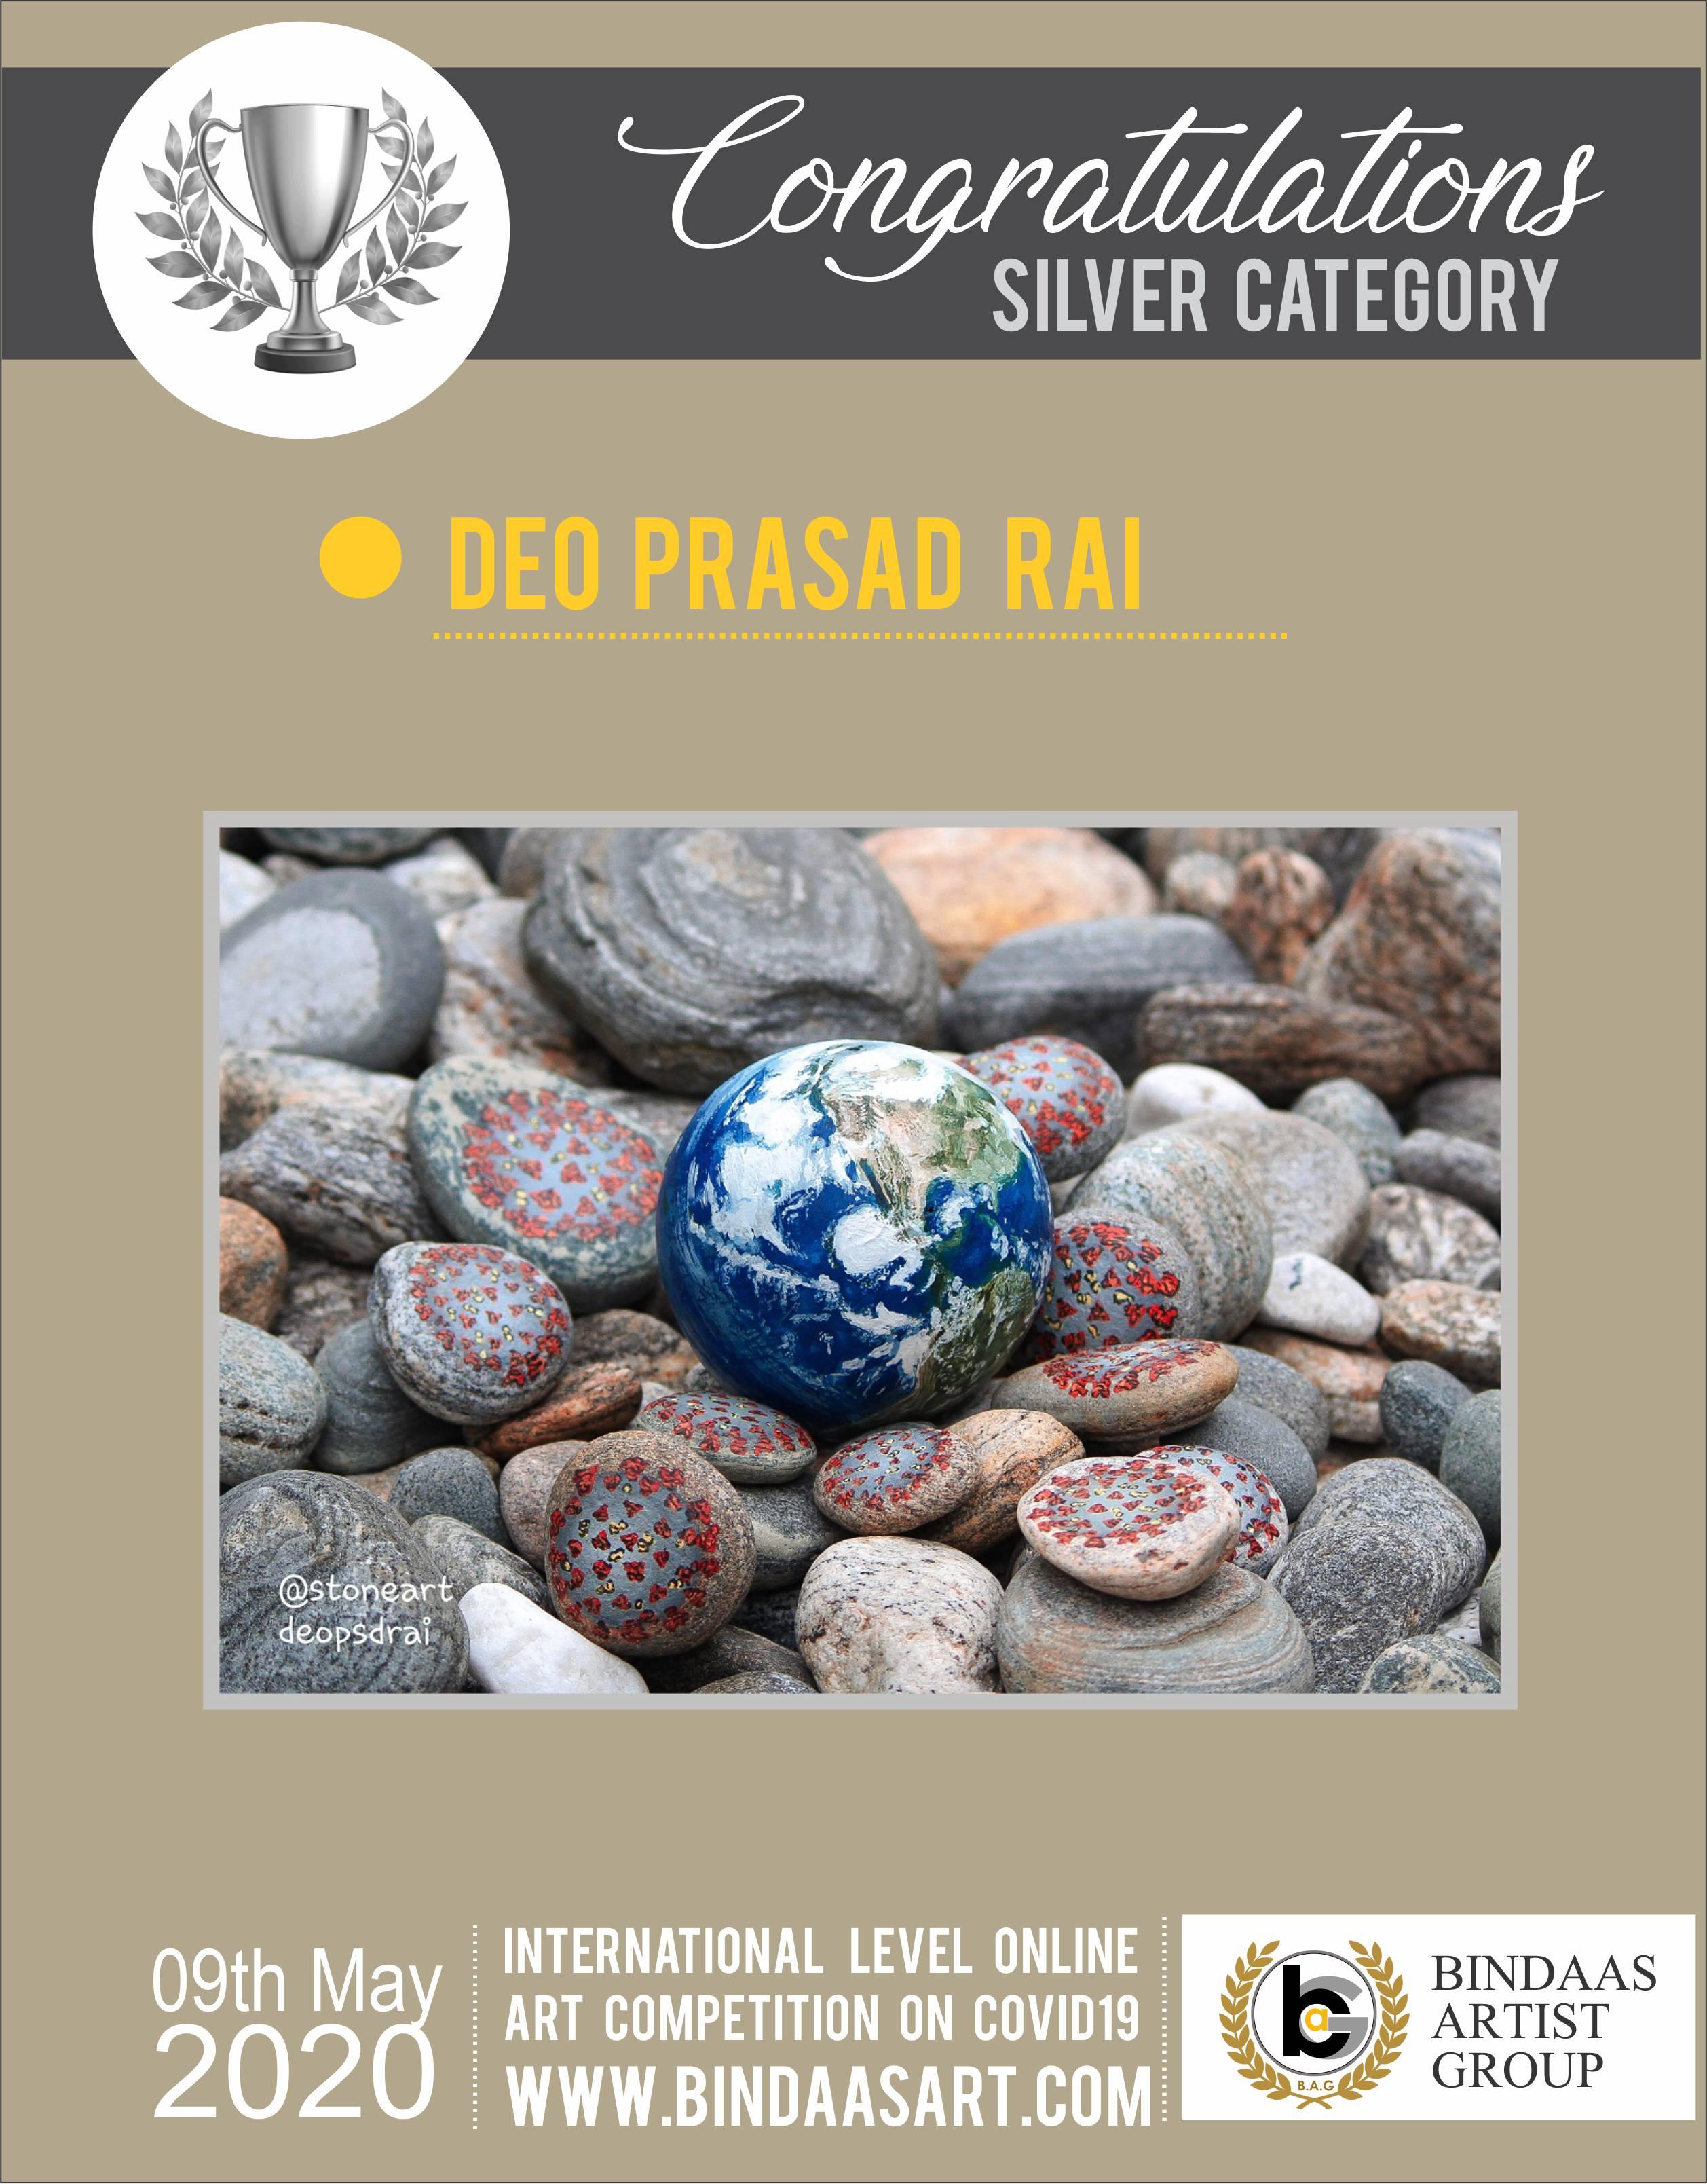 Deo Prasad Rai